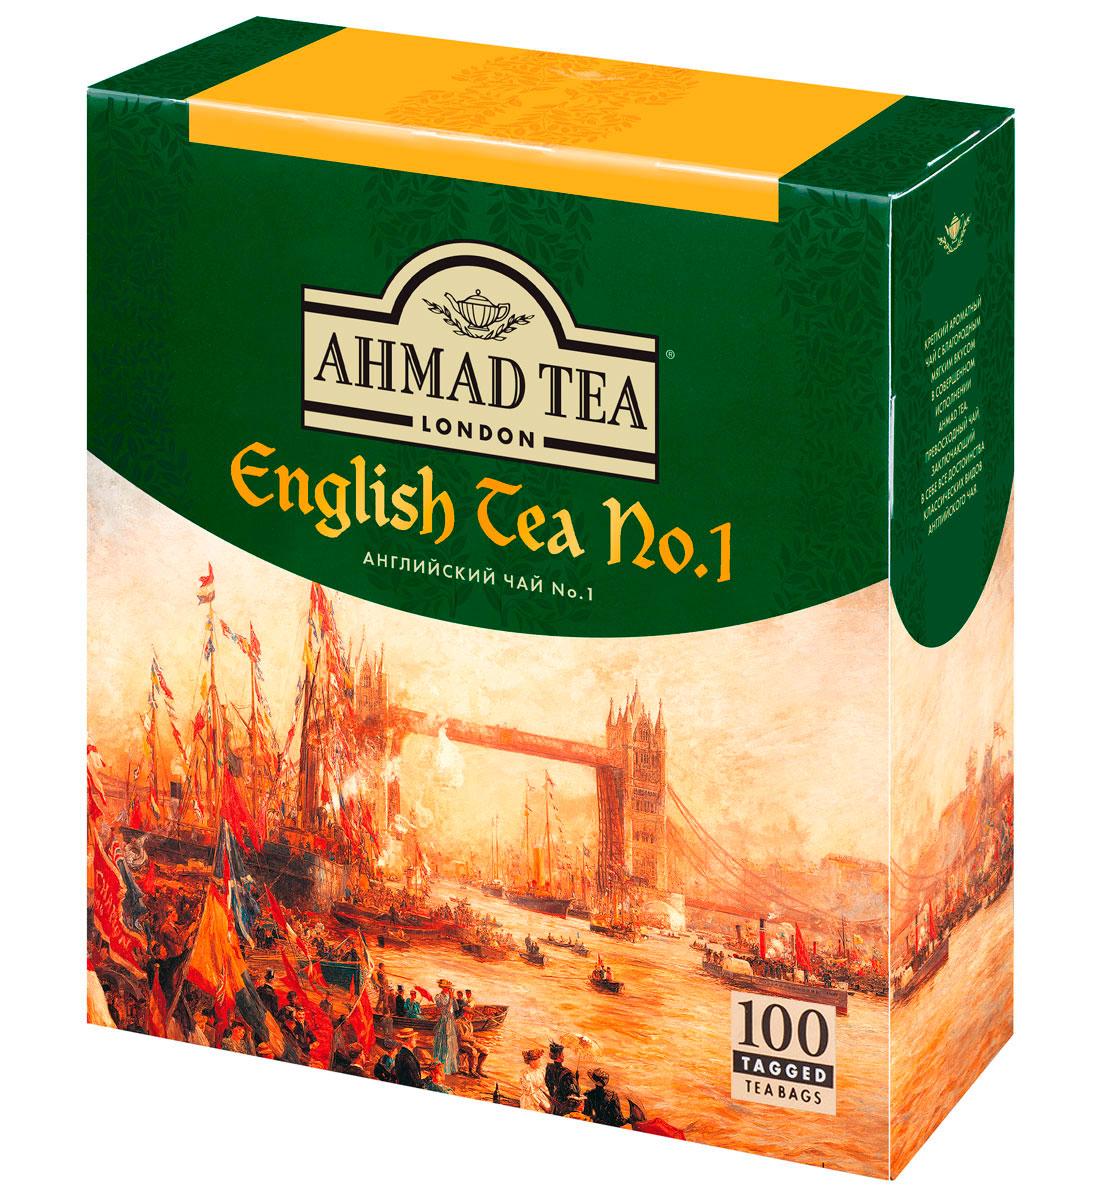 Ahmad Tea English Tea No.1 черный чай в пакетиках, 100 шт0120710Чашка чая Ahmad Tea English Tea No.1 делает общение добрым и приятным. Смесь эксклюзивных сортов черного чая с легким ароматом бергамота в совершенном исполнении Ahmad Tea. Прекрасный чай для любого времени дня. Идеальное сочетание мягкого вкуса, аромата, цвета и крепости. Прекрасный чай для любого настроения и времени дня.Заваривать 3-5 минут, температура воды 100 градусов.